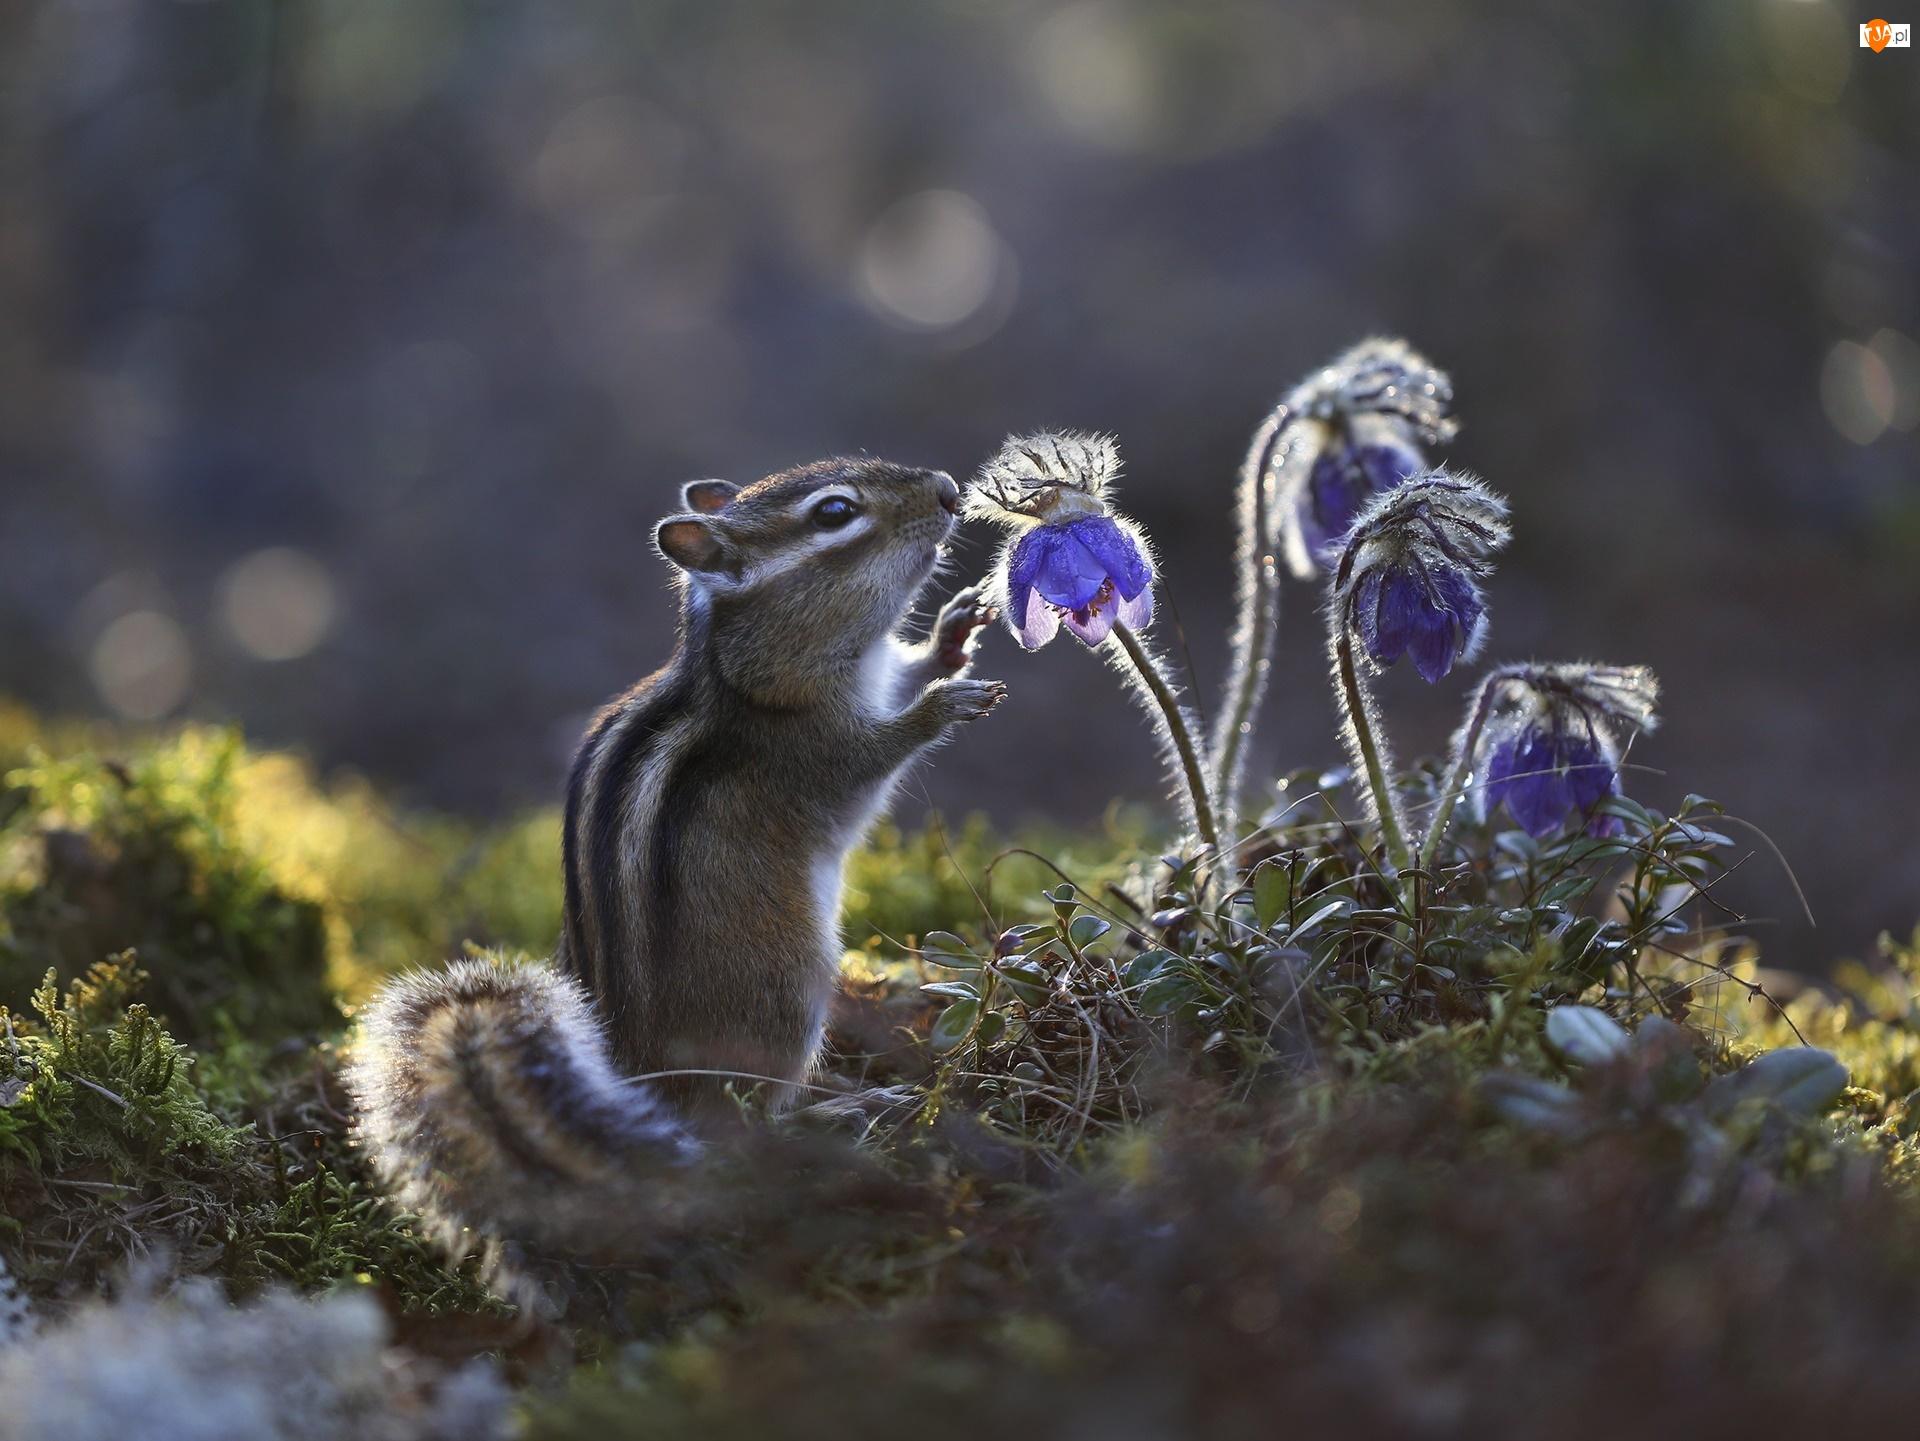 Kwiaty, Światło, Chipmunk, Pręgowiec, Sasanki